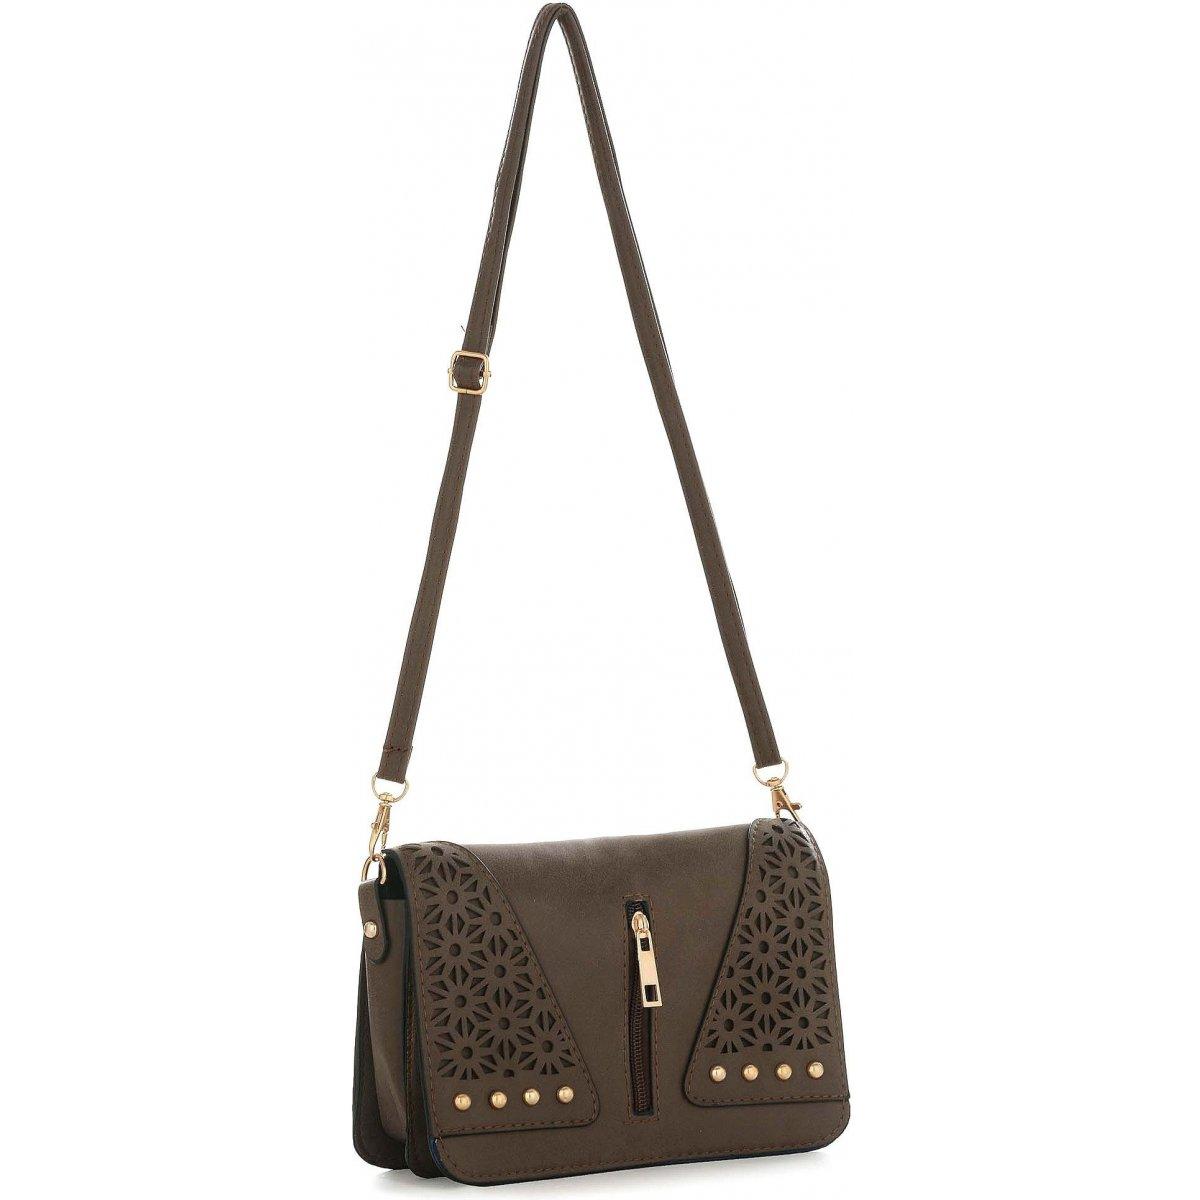 sac pochette bandouli re les sacs de k 39 rlot fkg0019 couleur principale noir. Black Bedroom Furniture Sets. Home Design Ideas